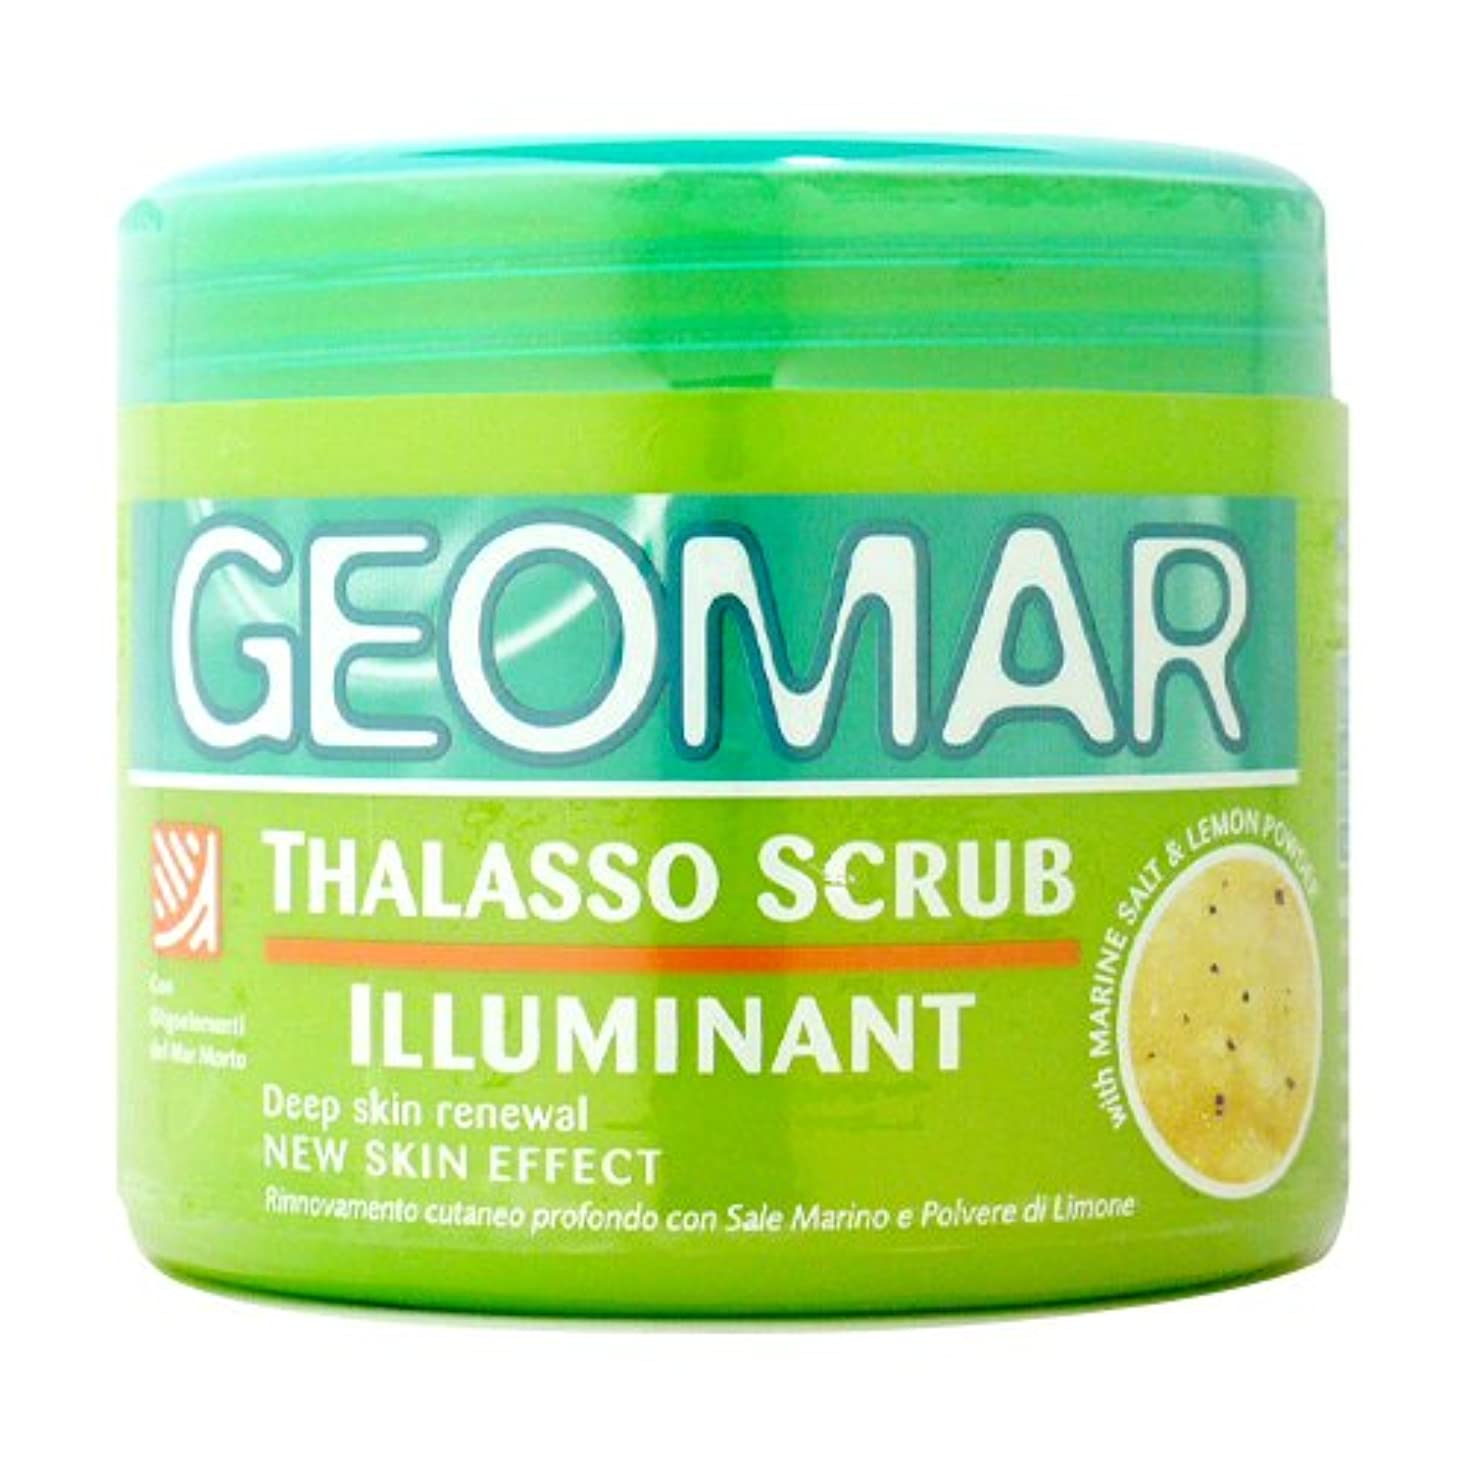 胆嚢すり減る不規則なジェオマール タラソスクラブ イルミナント (ブライトレモン) 600g